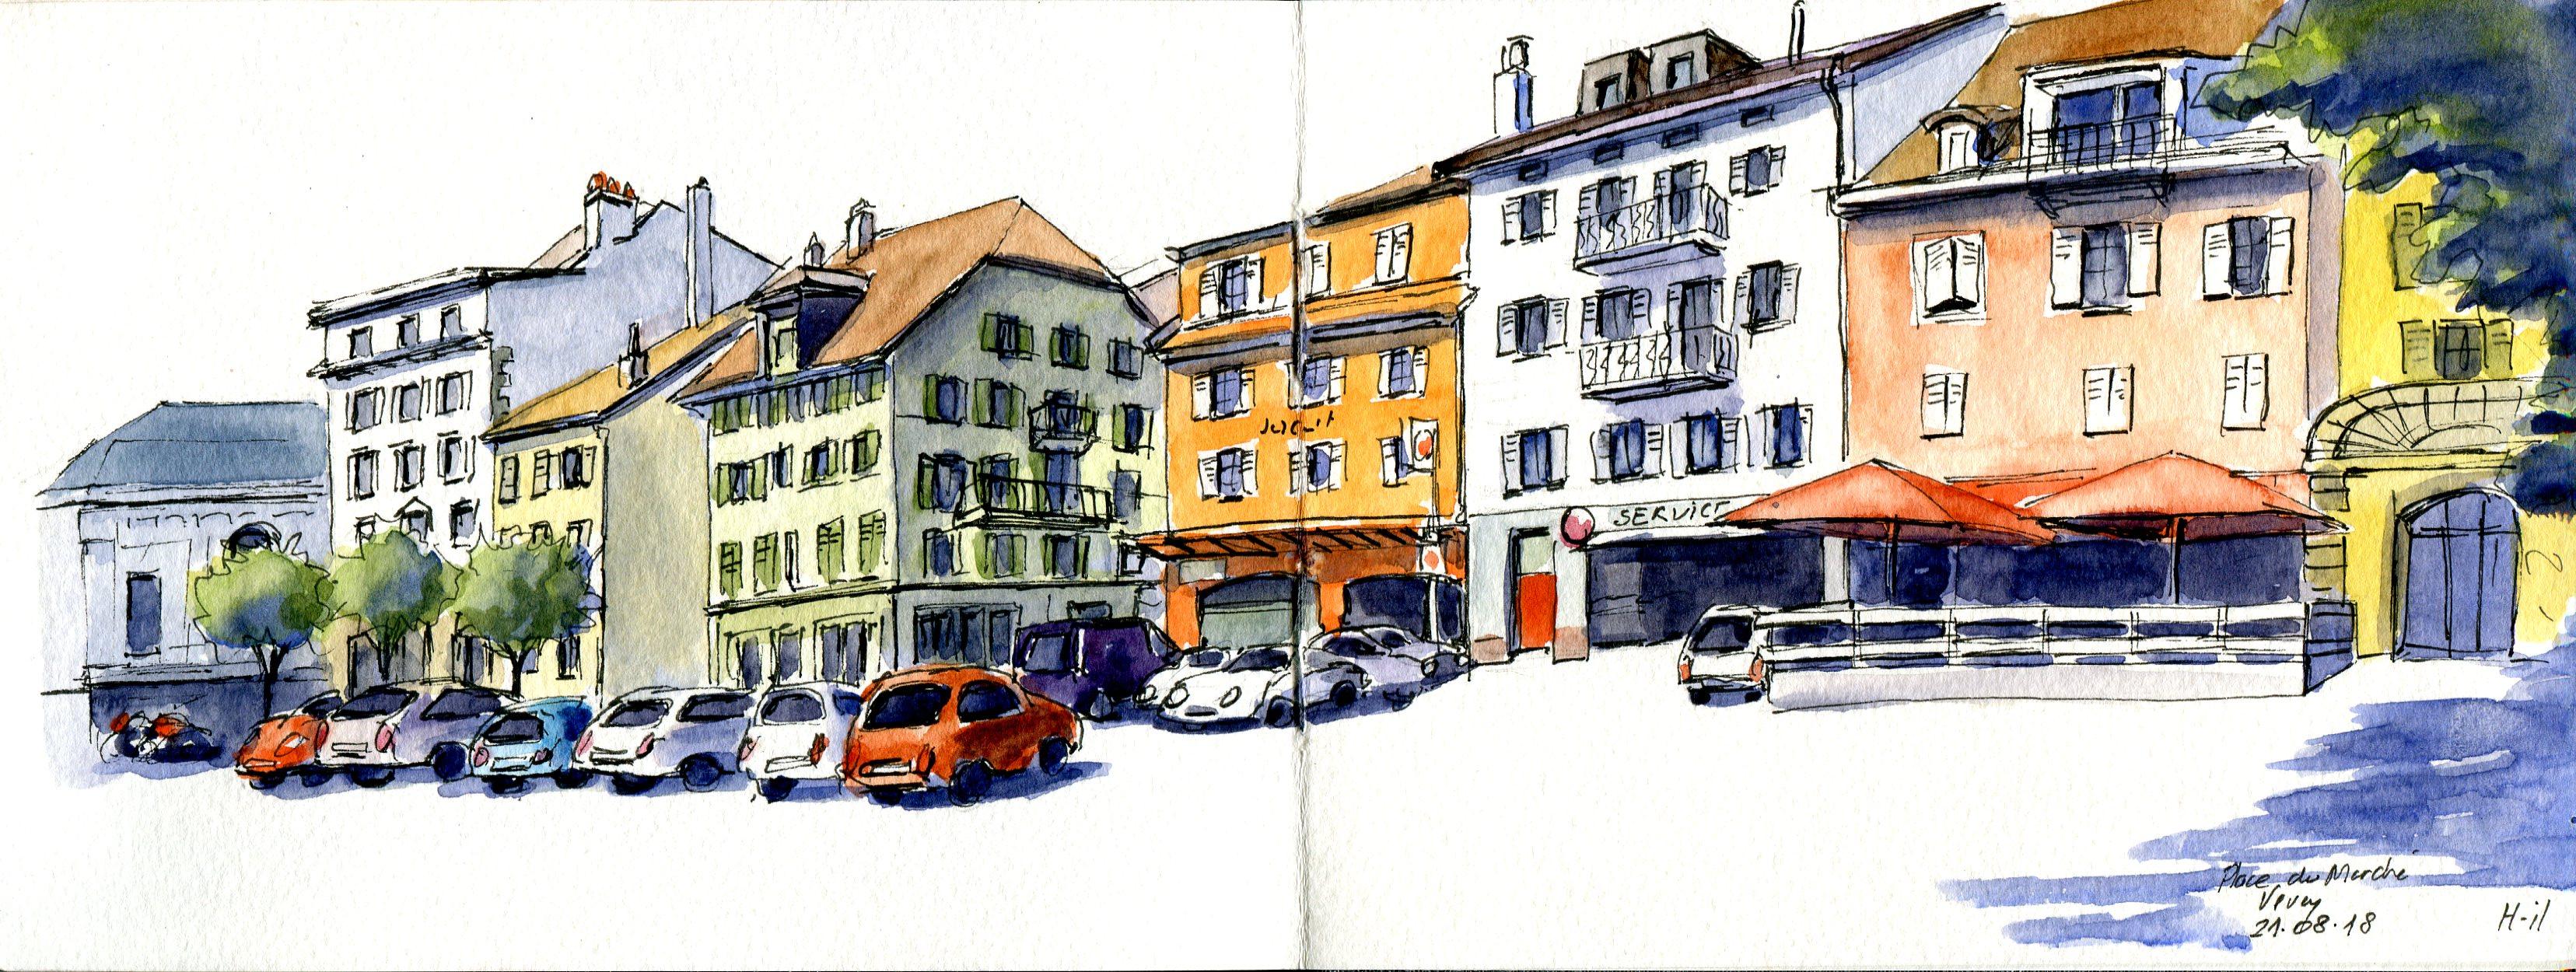 Place_du_Marché010